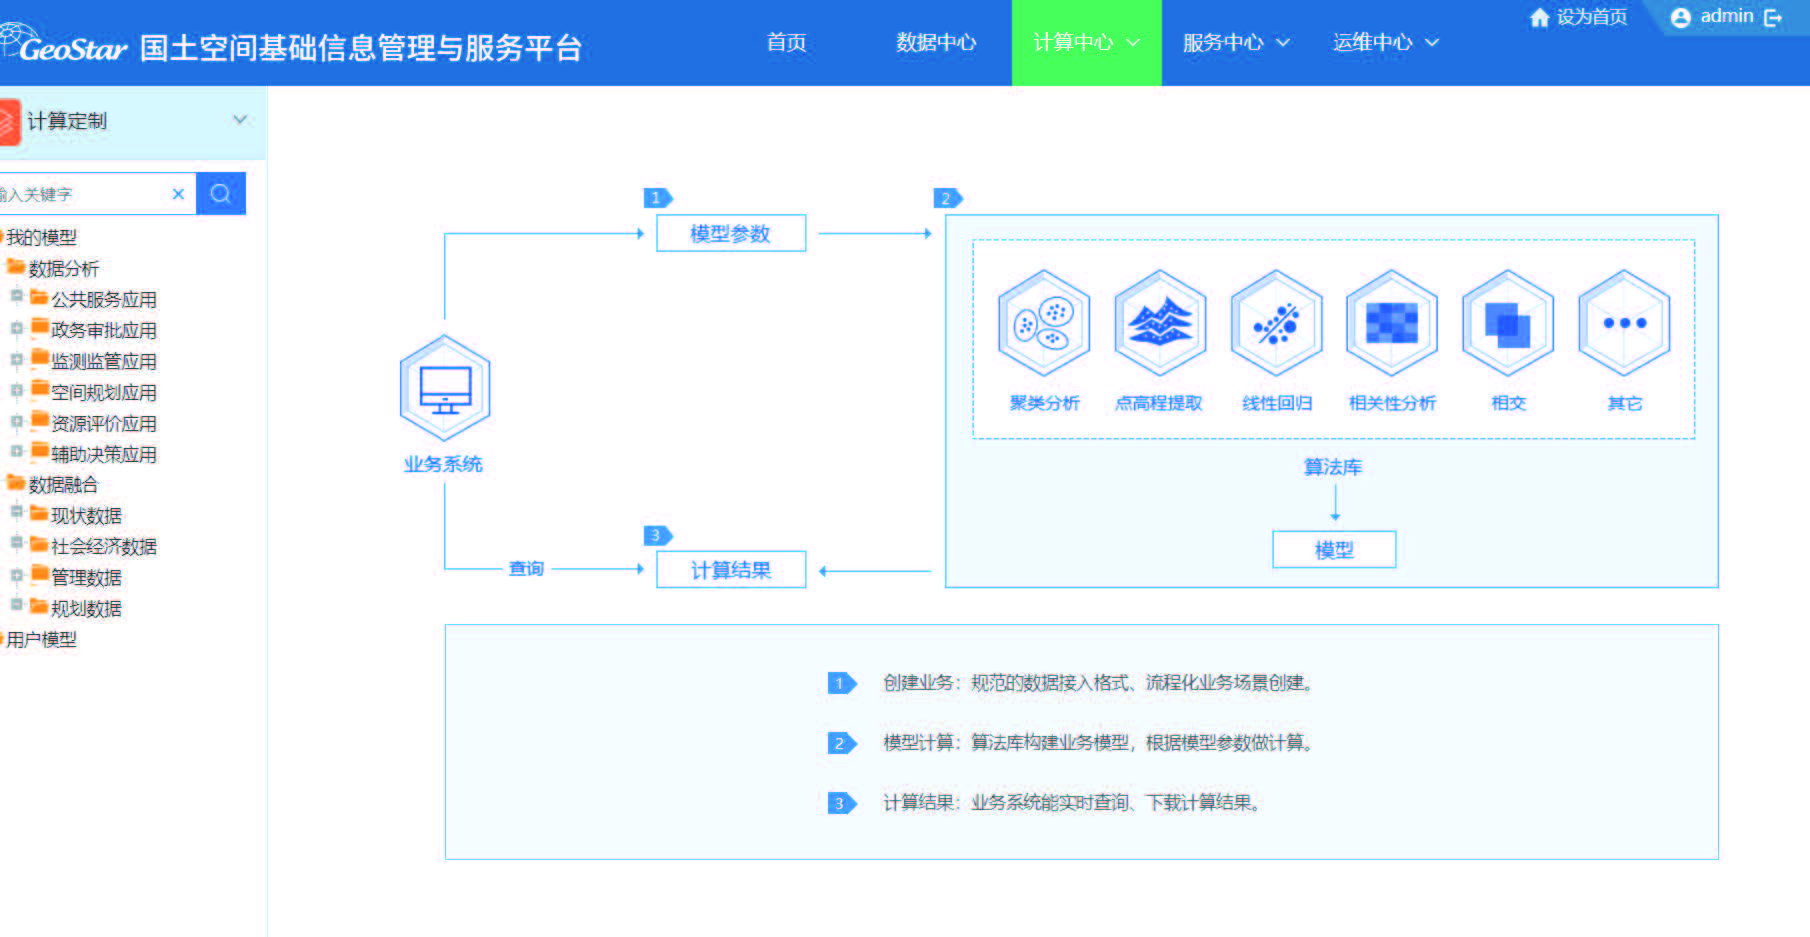 武大吉奧國土空間基礎信息平臺方案-網站版圖-2指標管理與模型管理